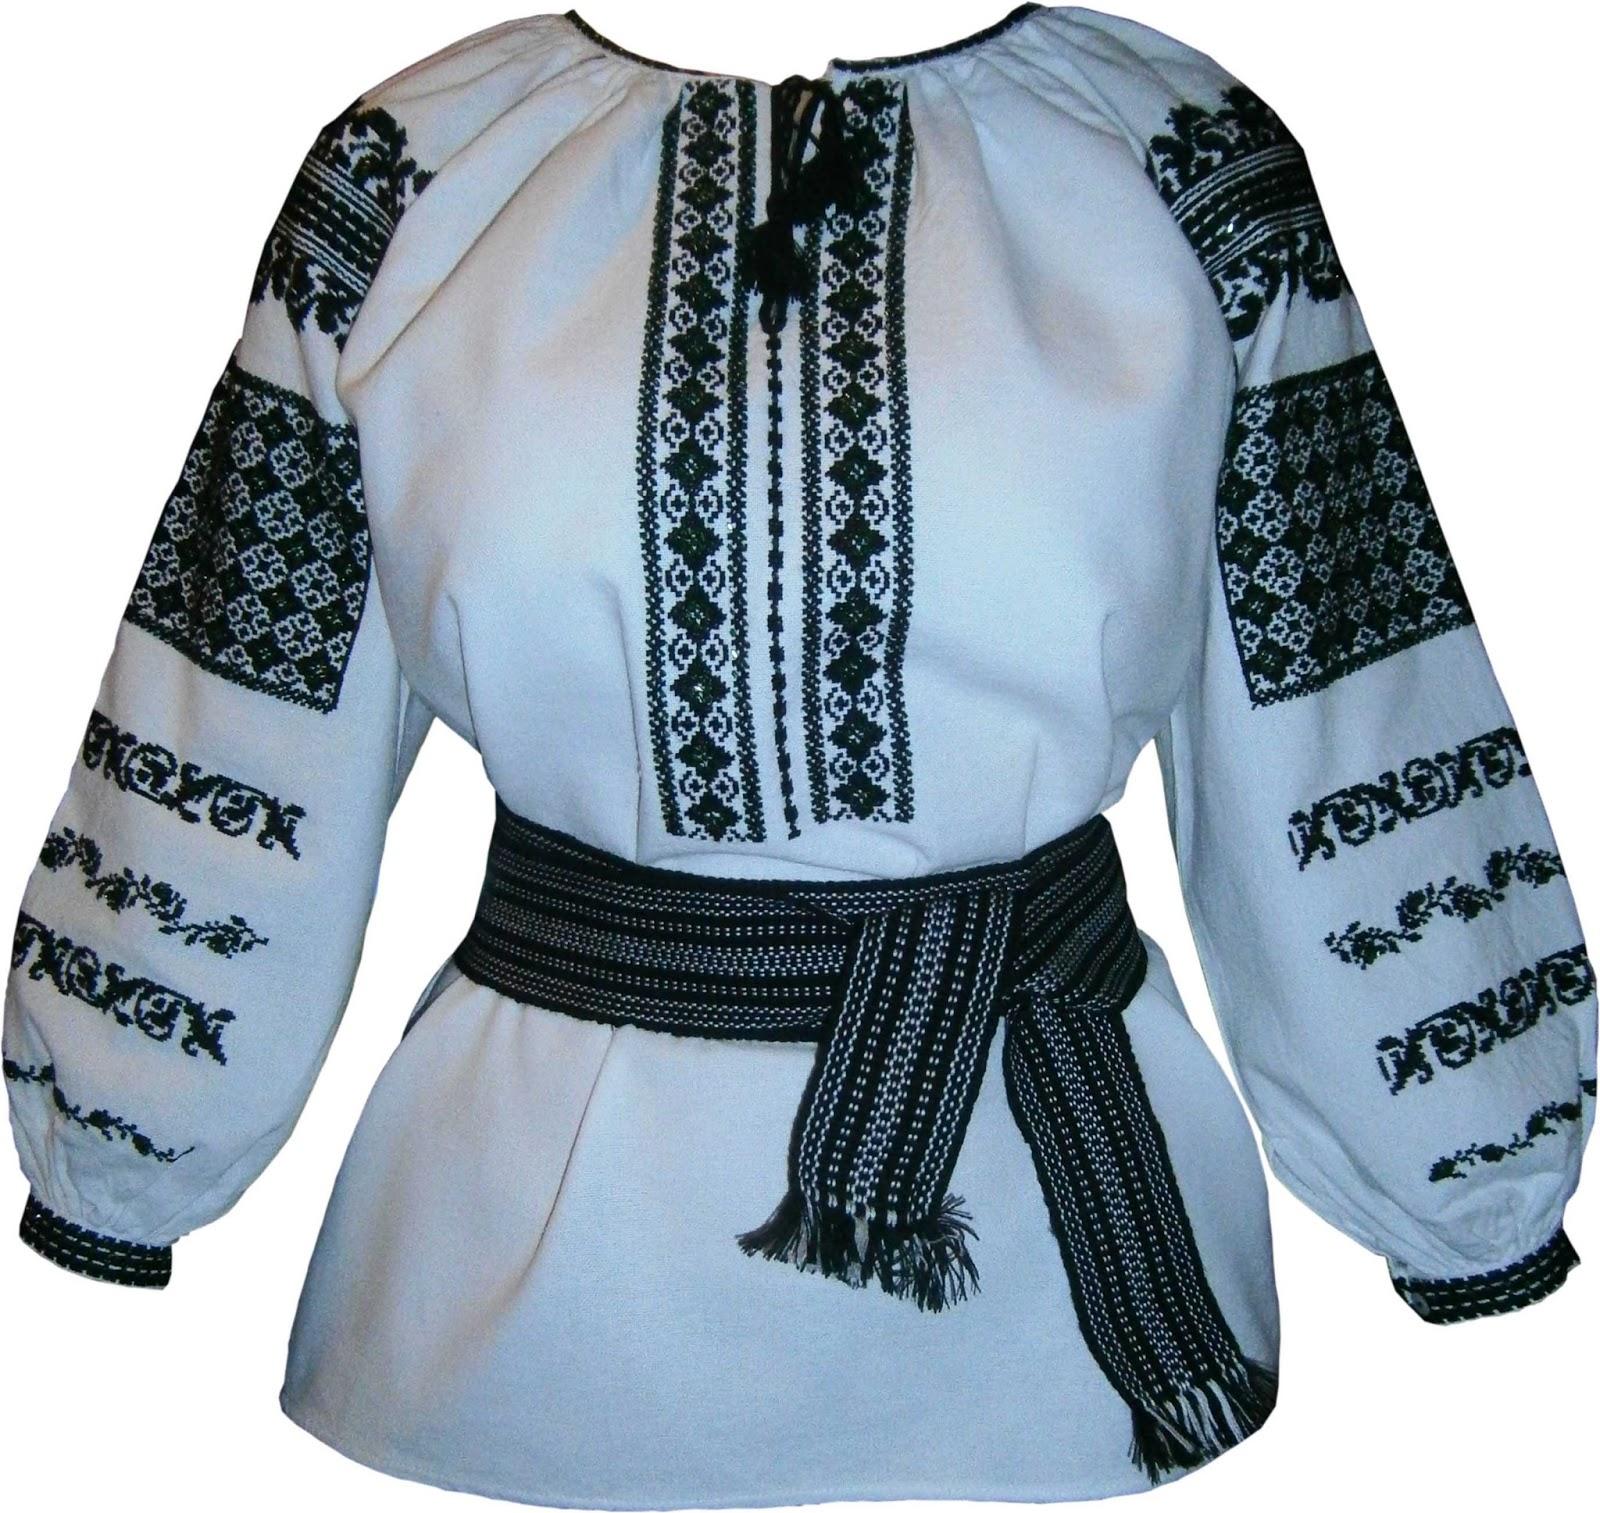 Вишиванка - Інтернет-магазин вишиванок  Жіноча вишиванка 9f887e9635613